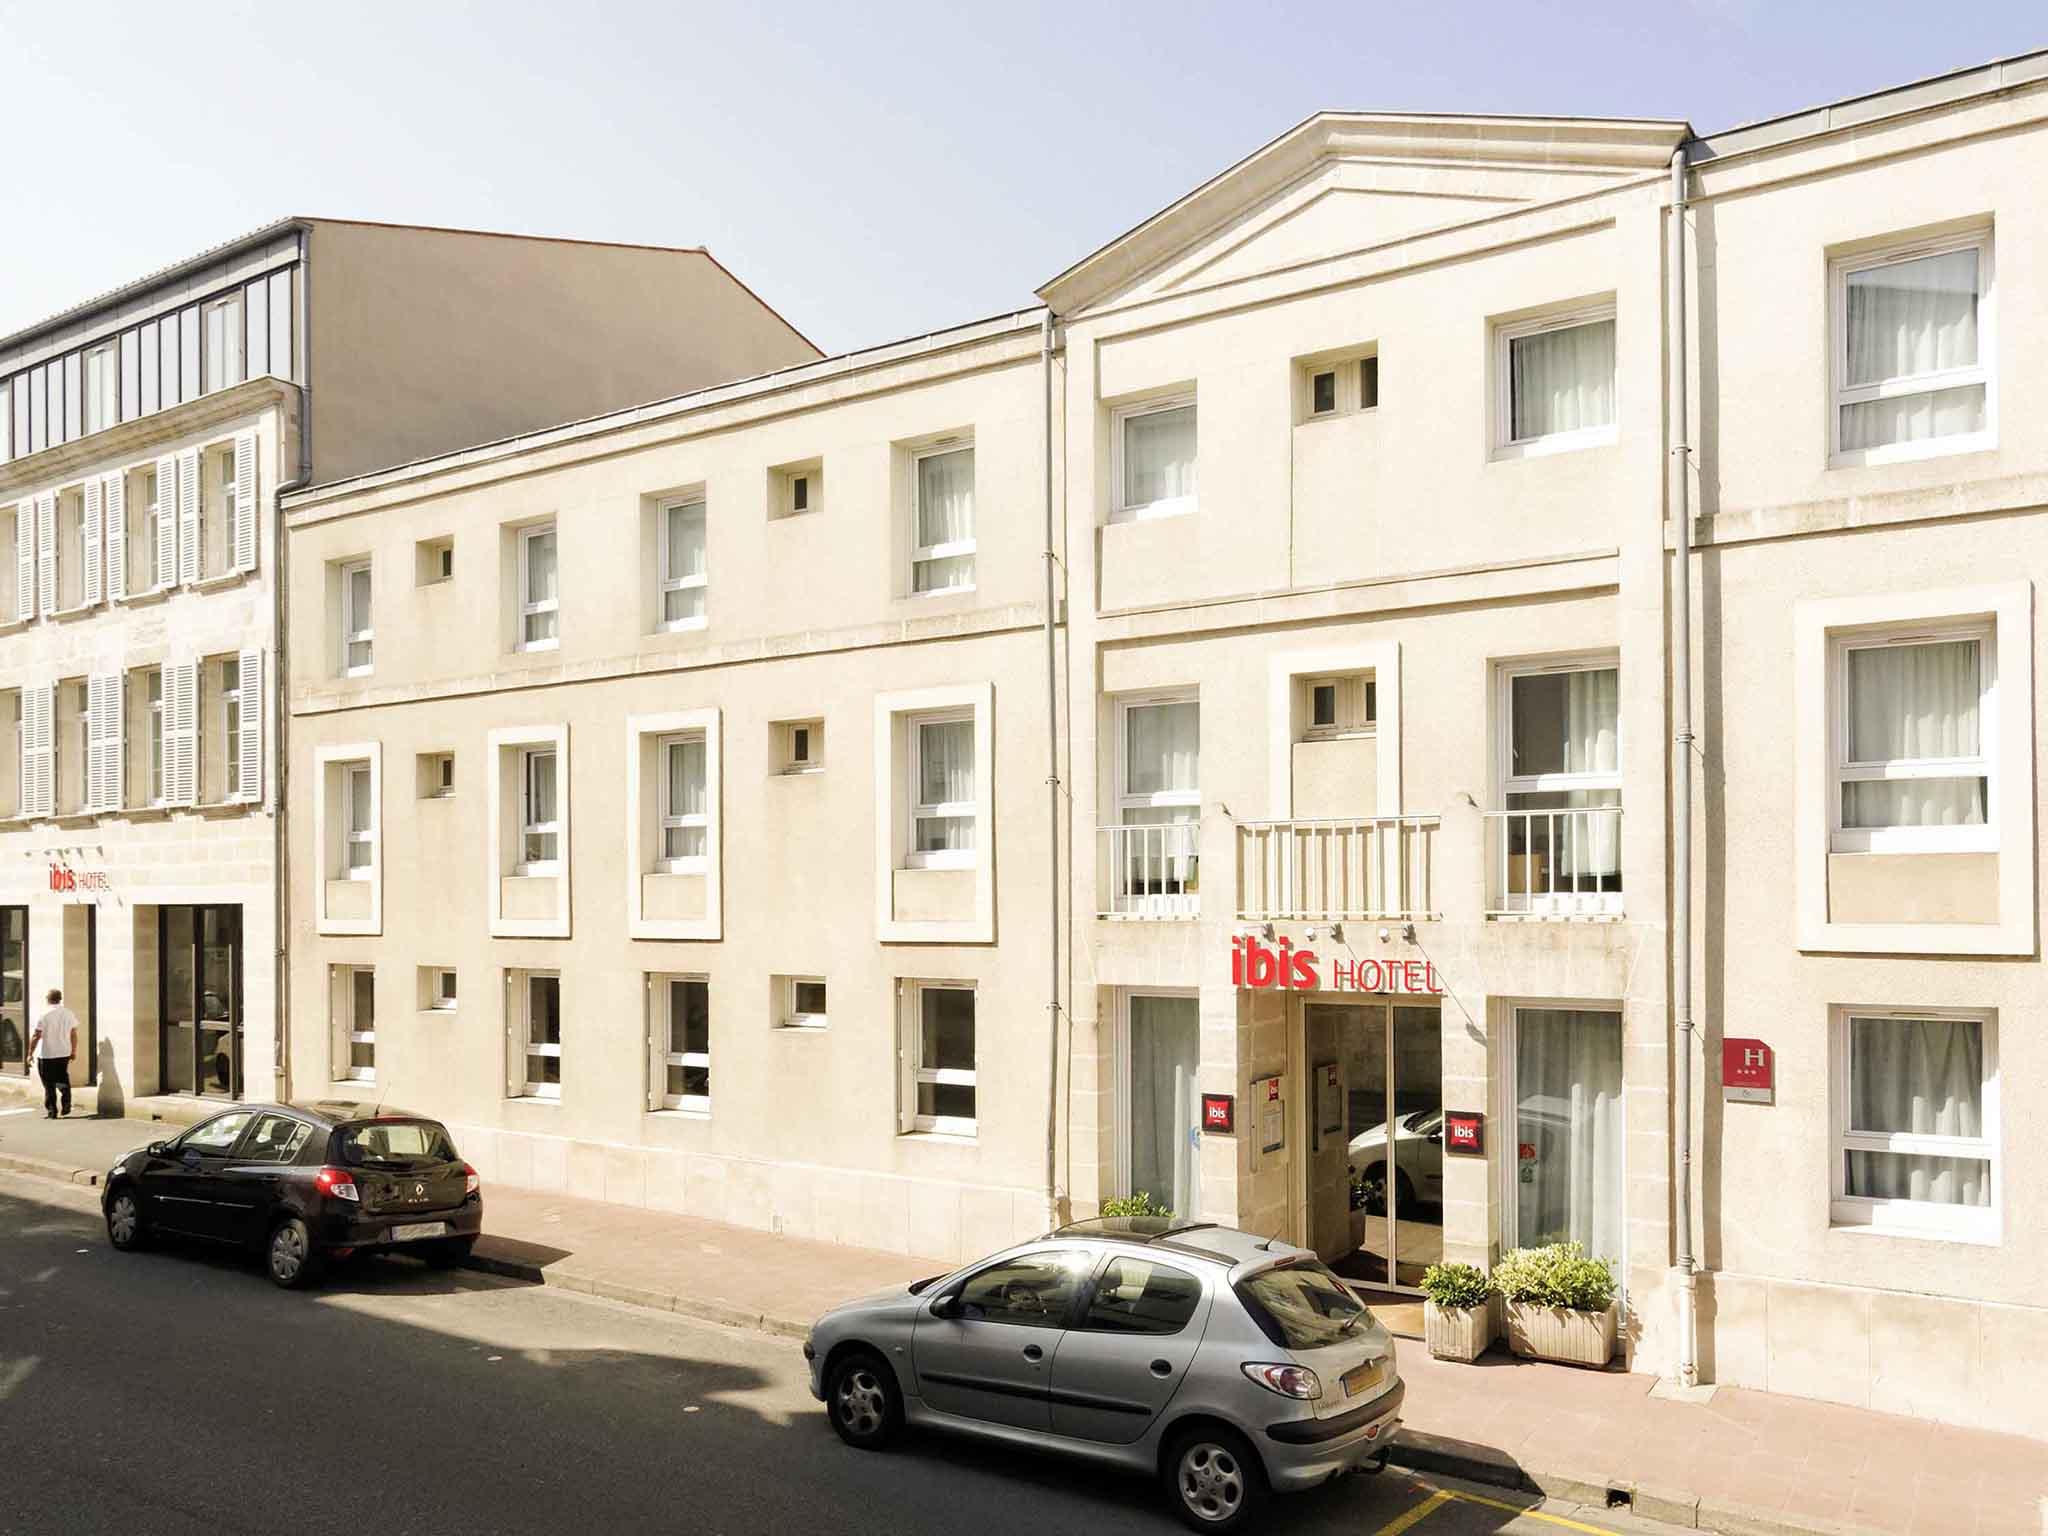 Hotel formule 1 pres du zoo de la palmyre best image for Prix chambre hotel formule 1